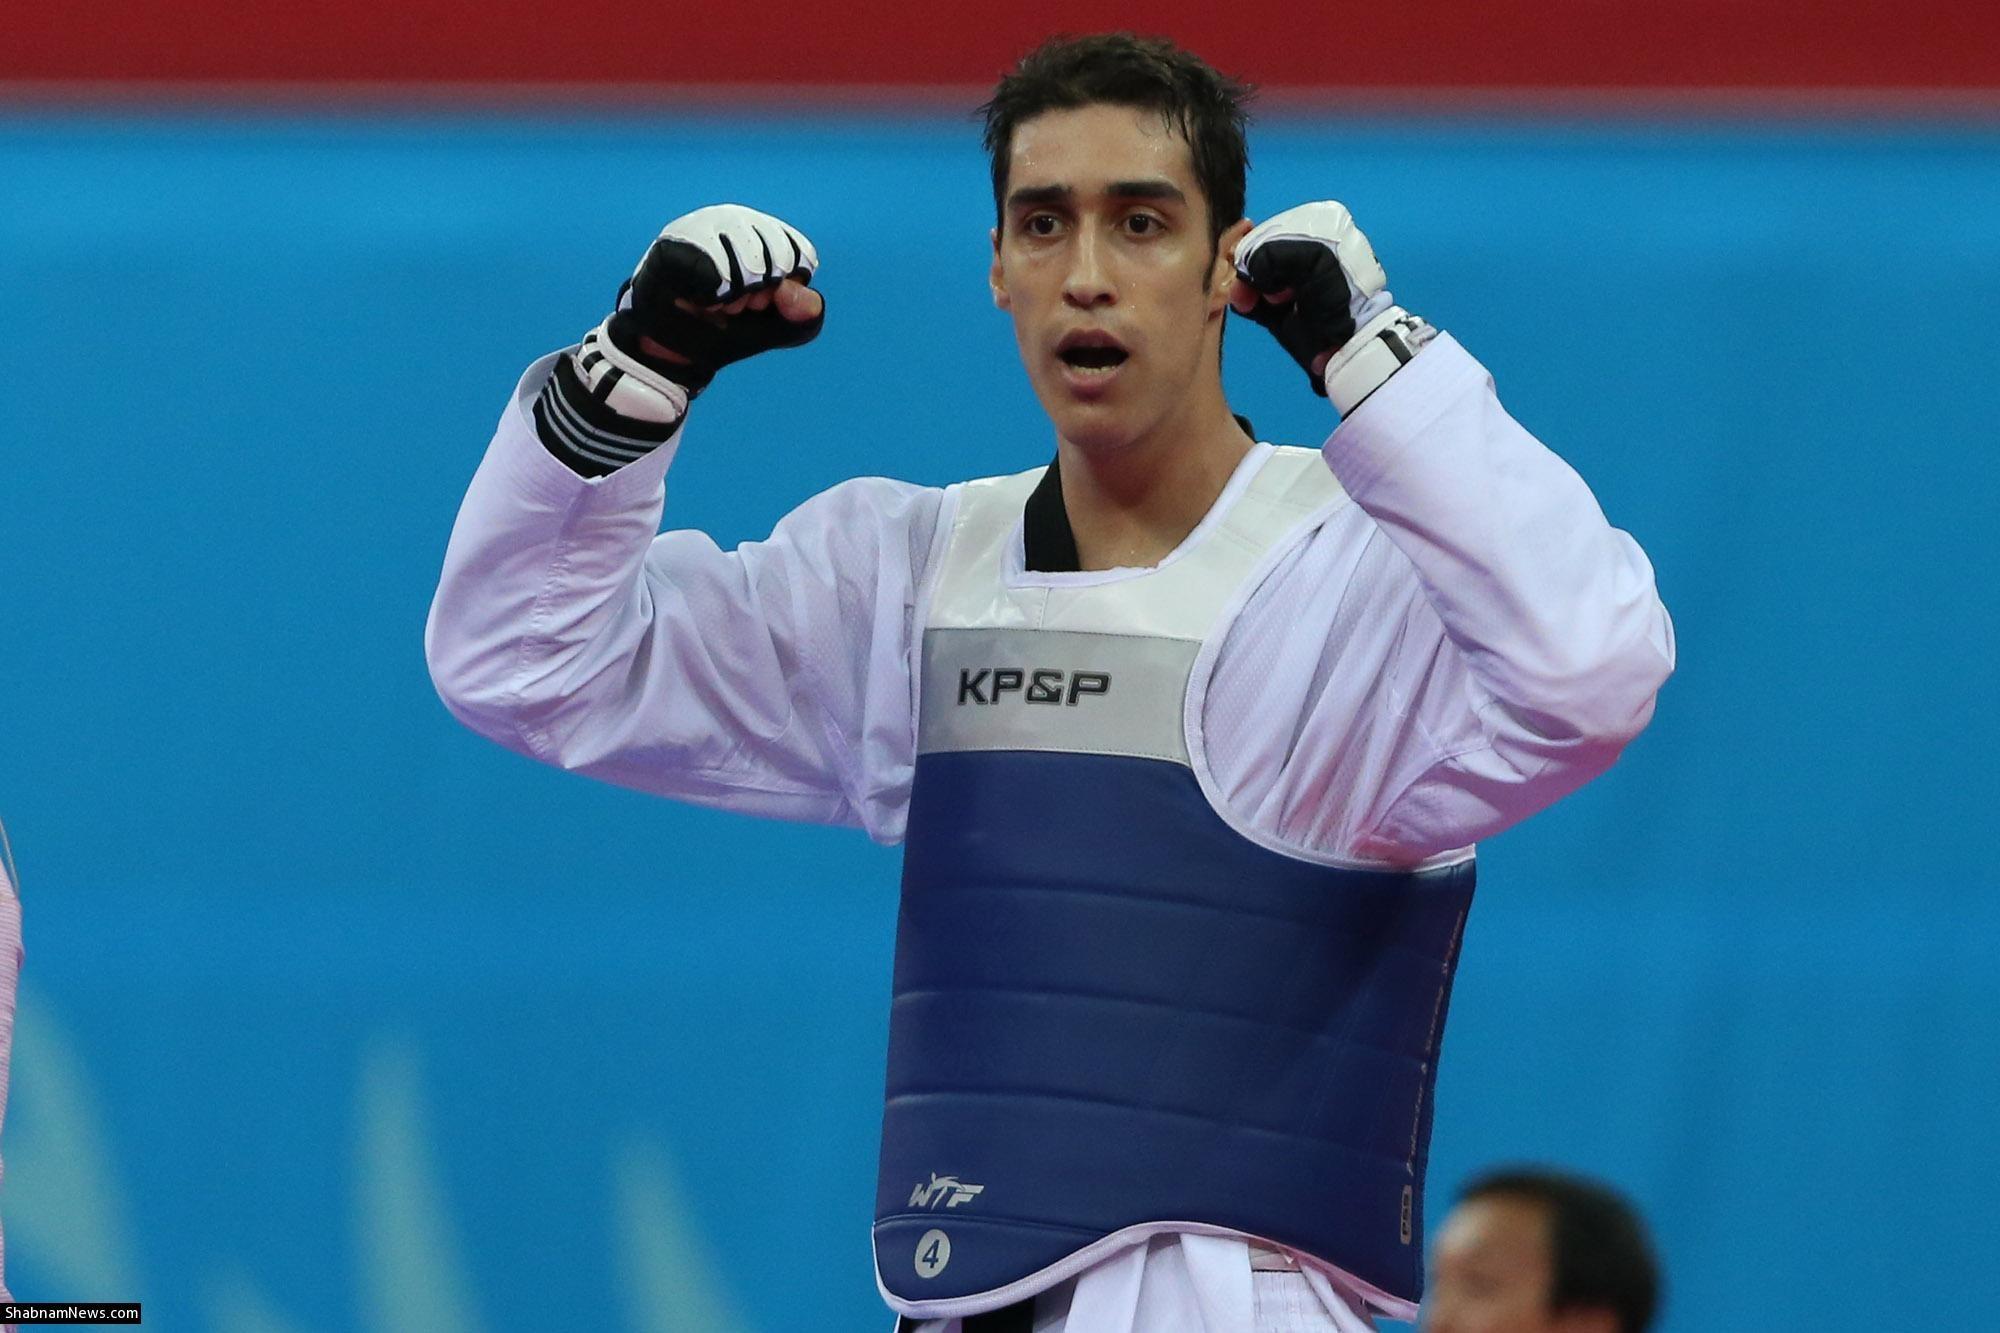 پیروزی آسان مهدی خدابخشی در مسابقه اول/ تکواندو به کسب مدال امیدوار شد